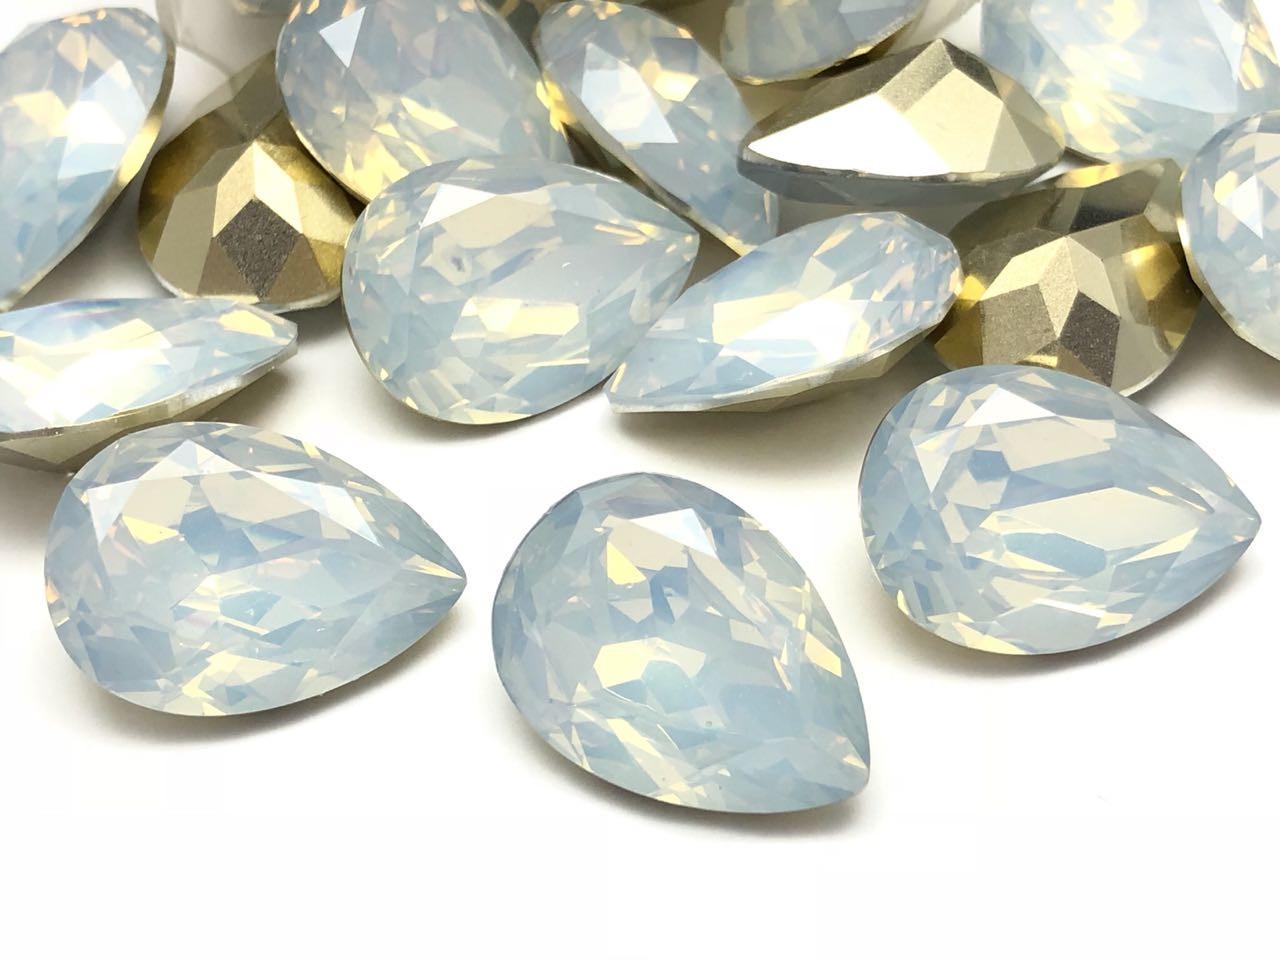 CHT647 - Chaton Base Côncava White Opal Gota 18x25 - 2unid